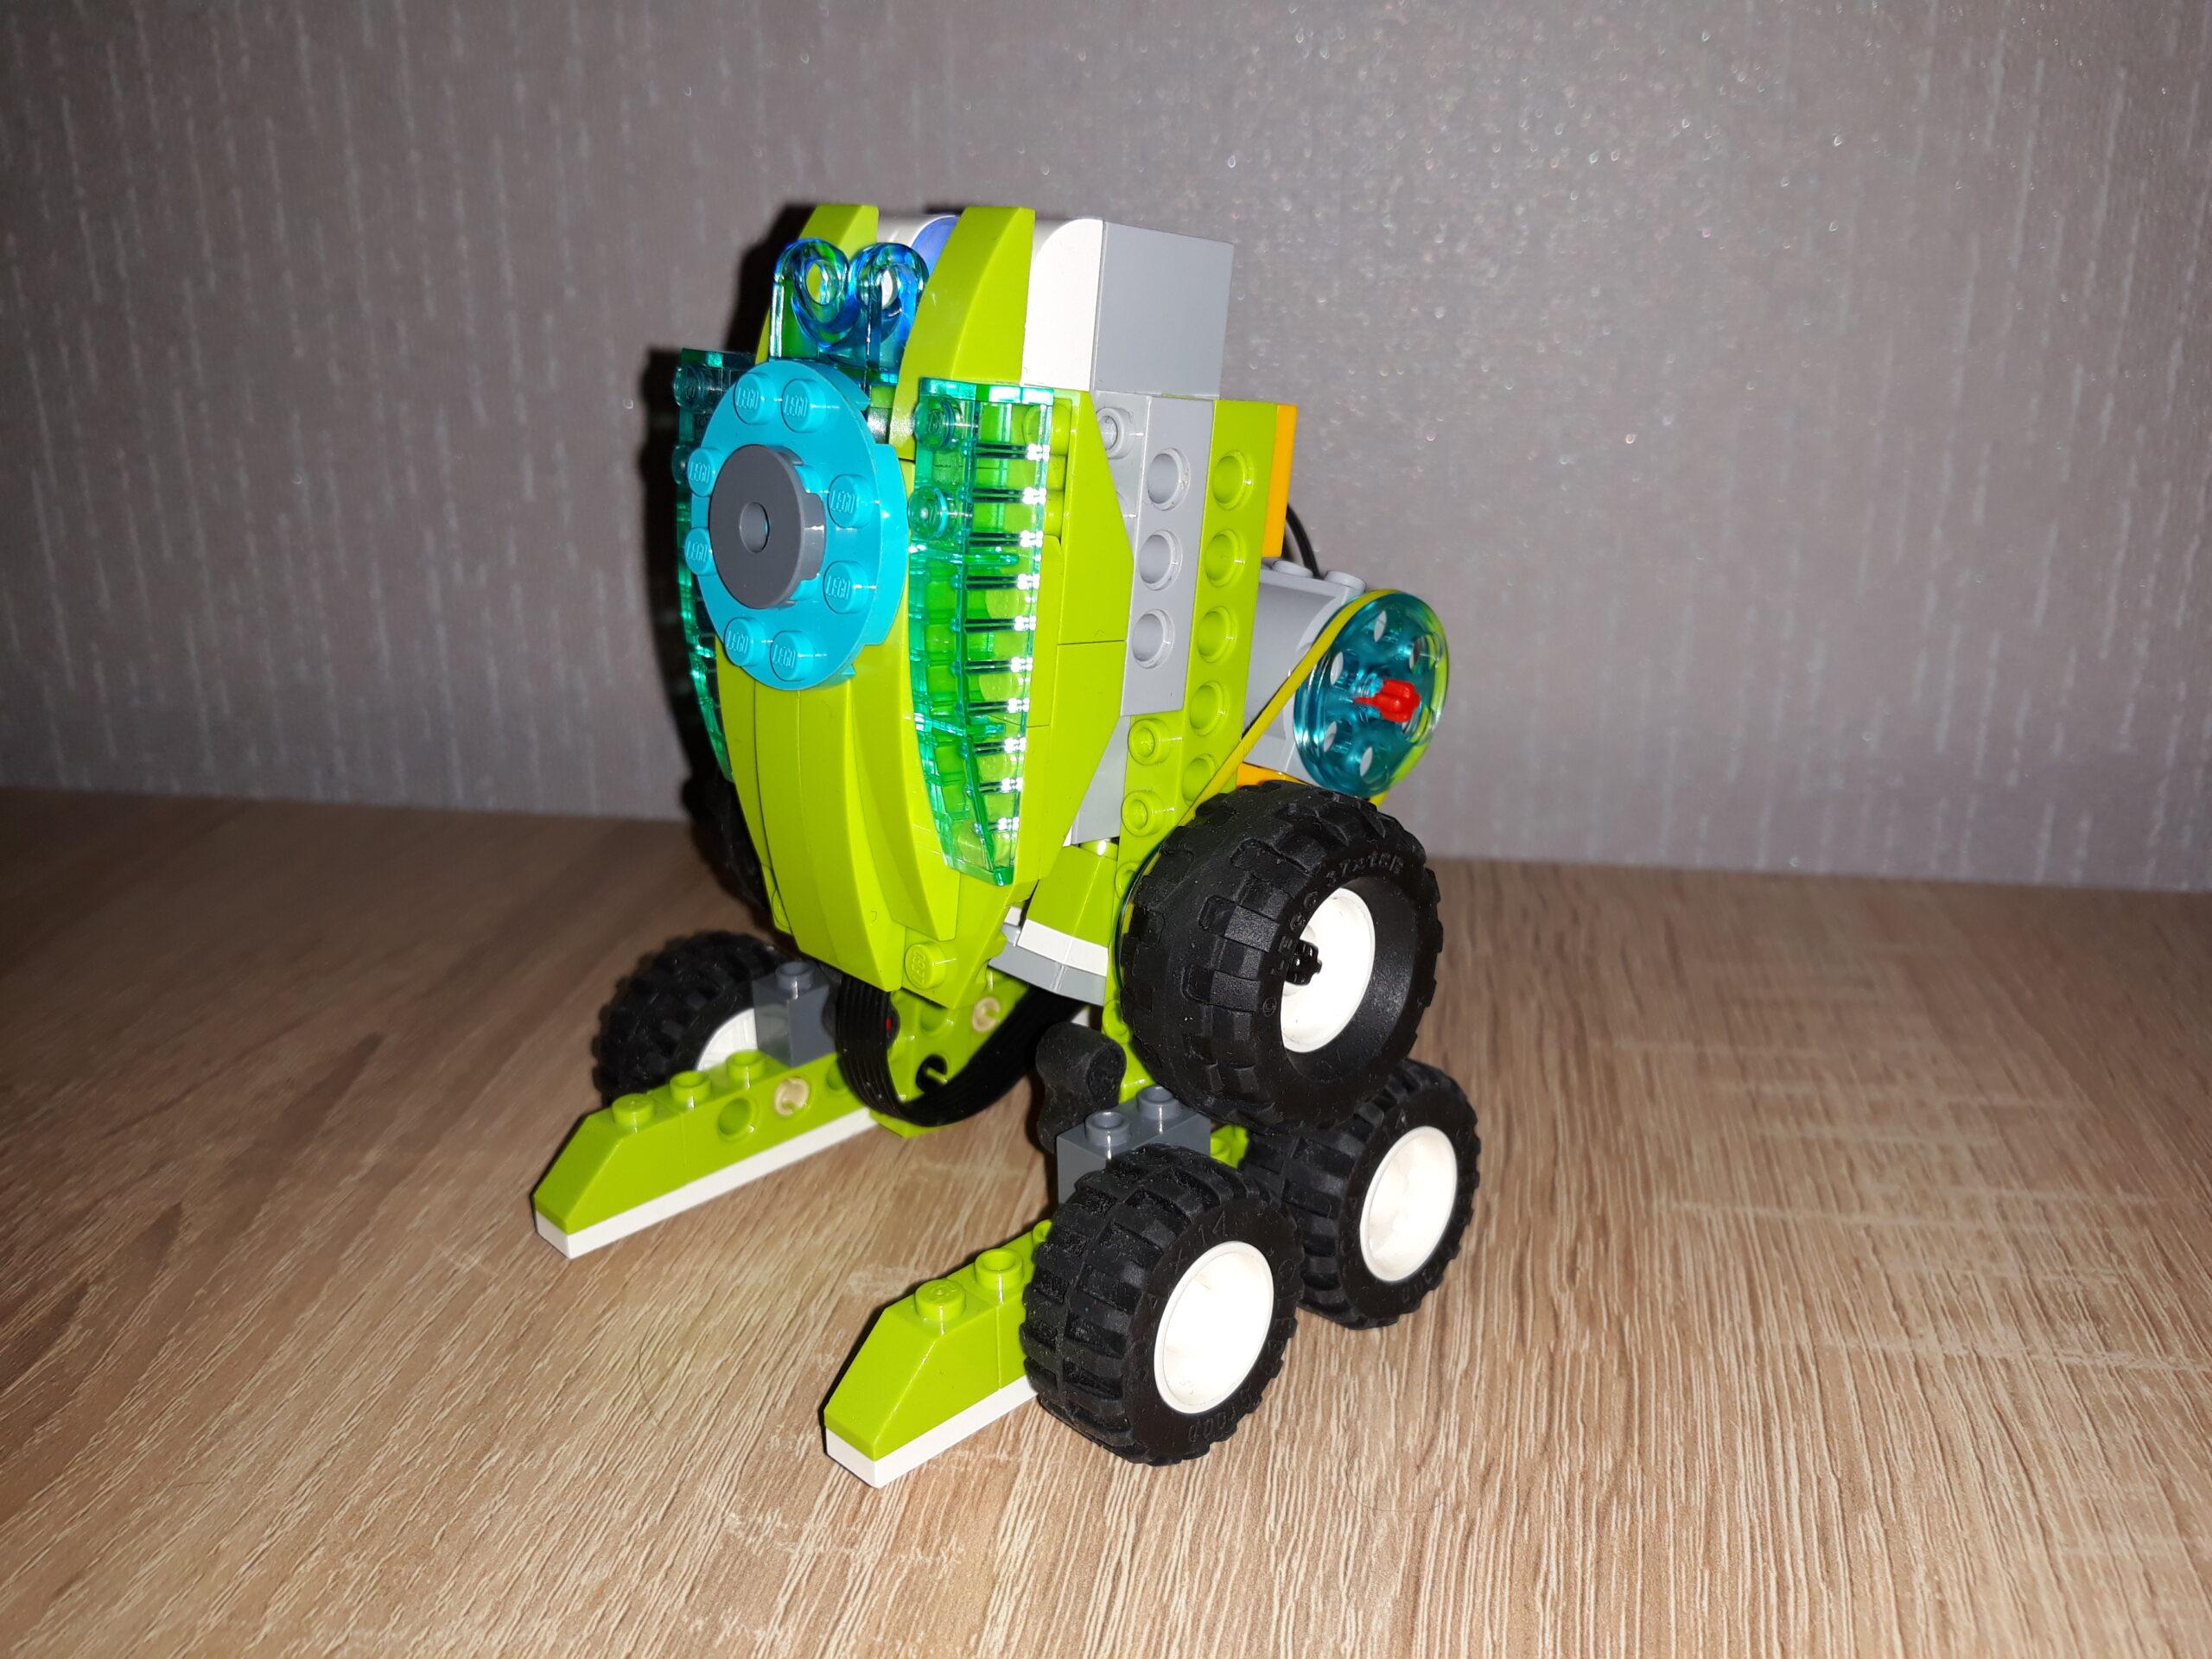 Скачать инструкцию по сборке из набора LEGO Education WeDo 2.0 Робот R2D2